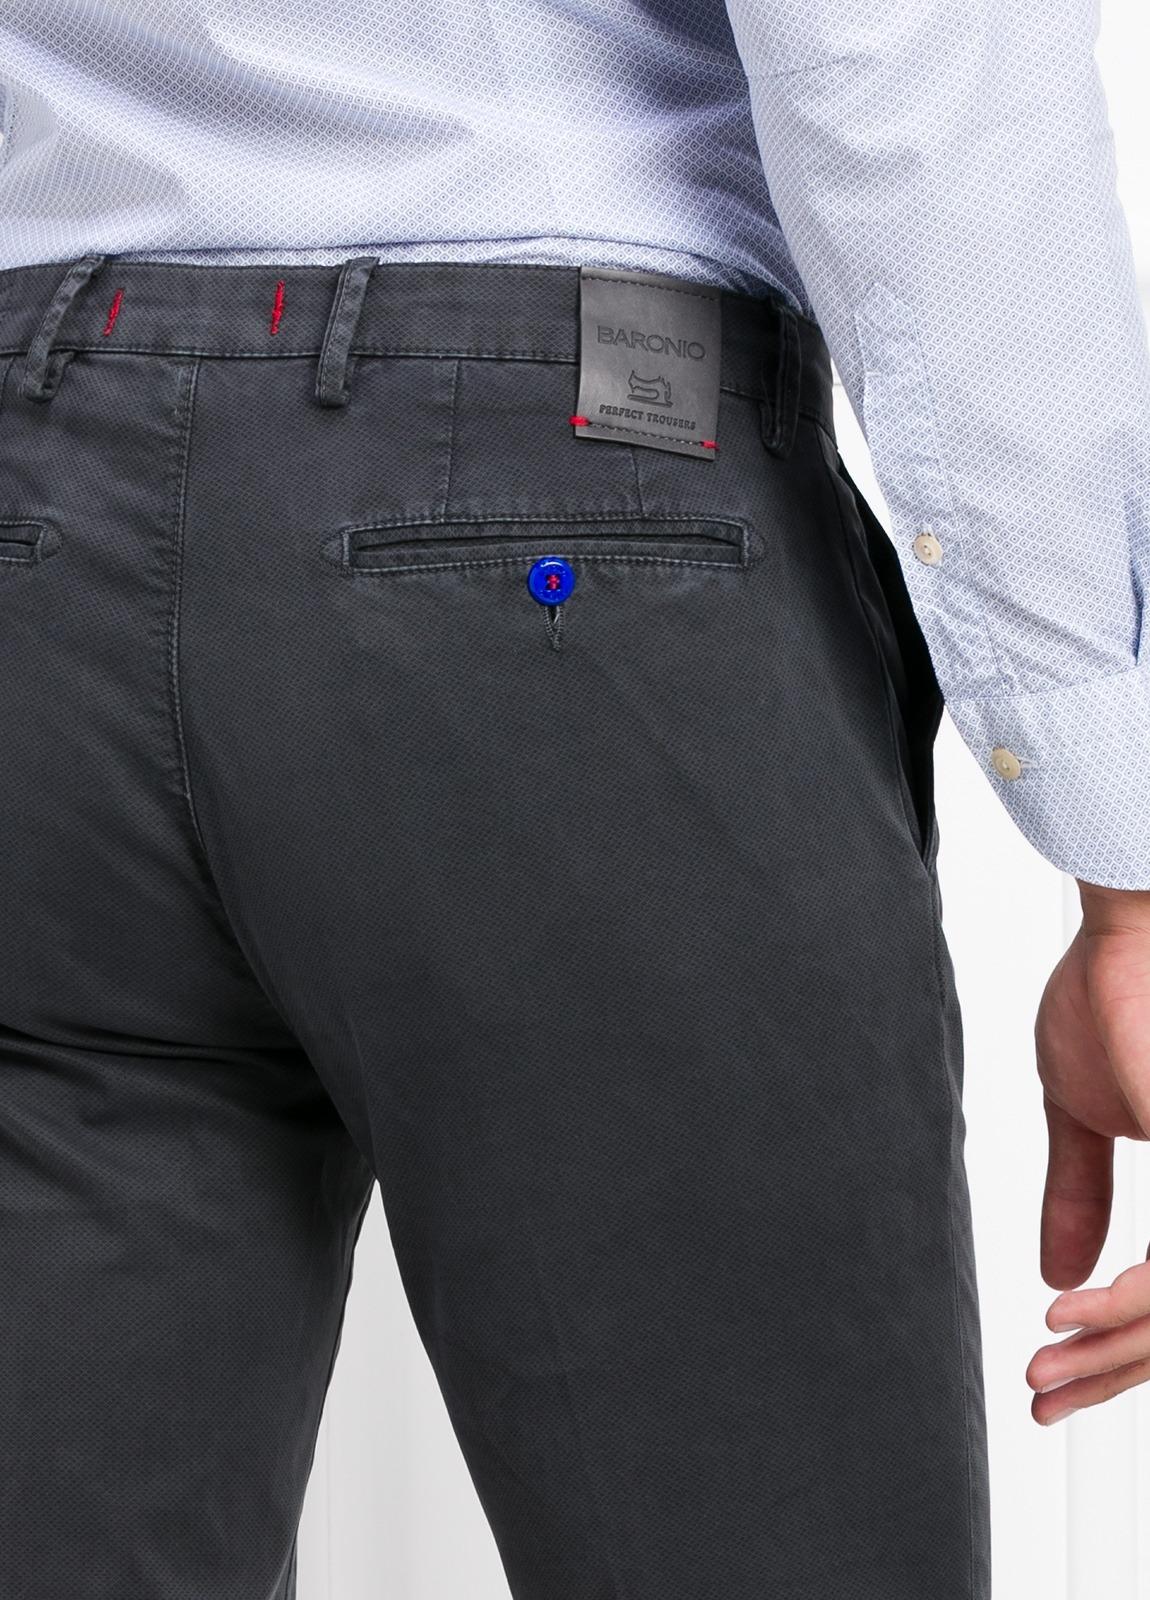 Pantalón chino color gris oscuro. 97% Algodón 3% Ea. - Ítem3